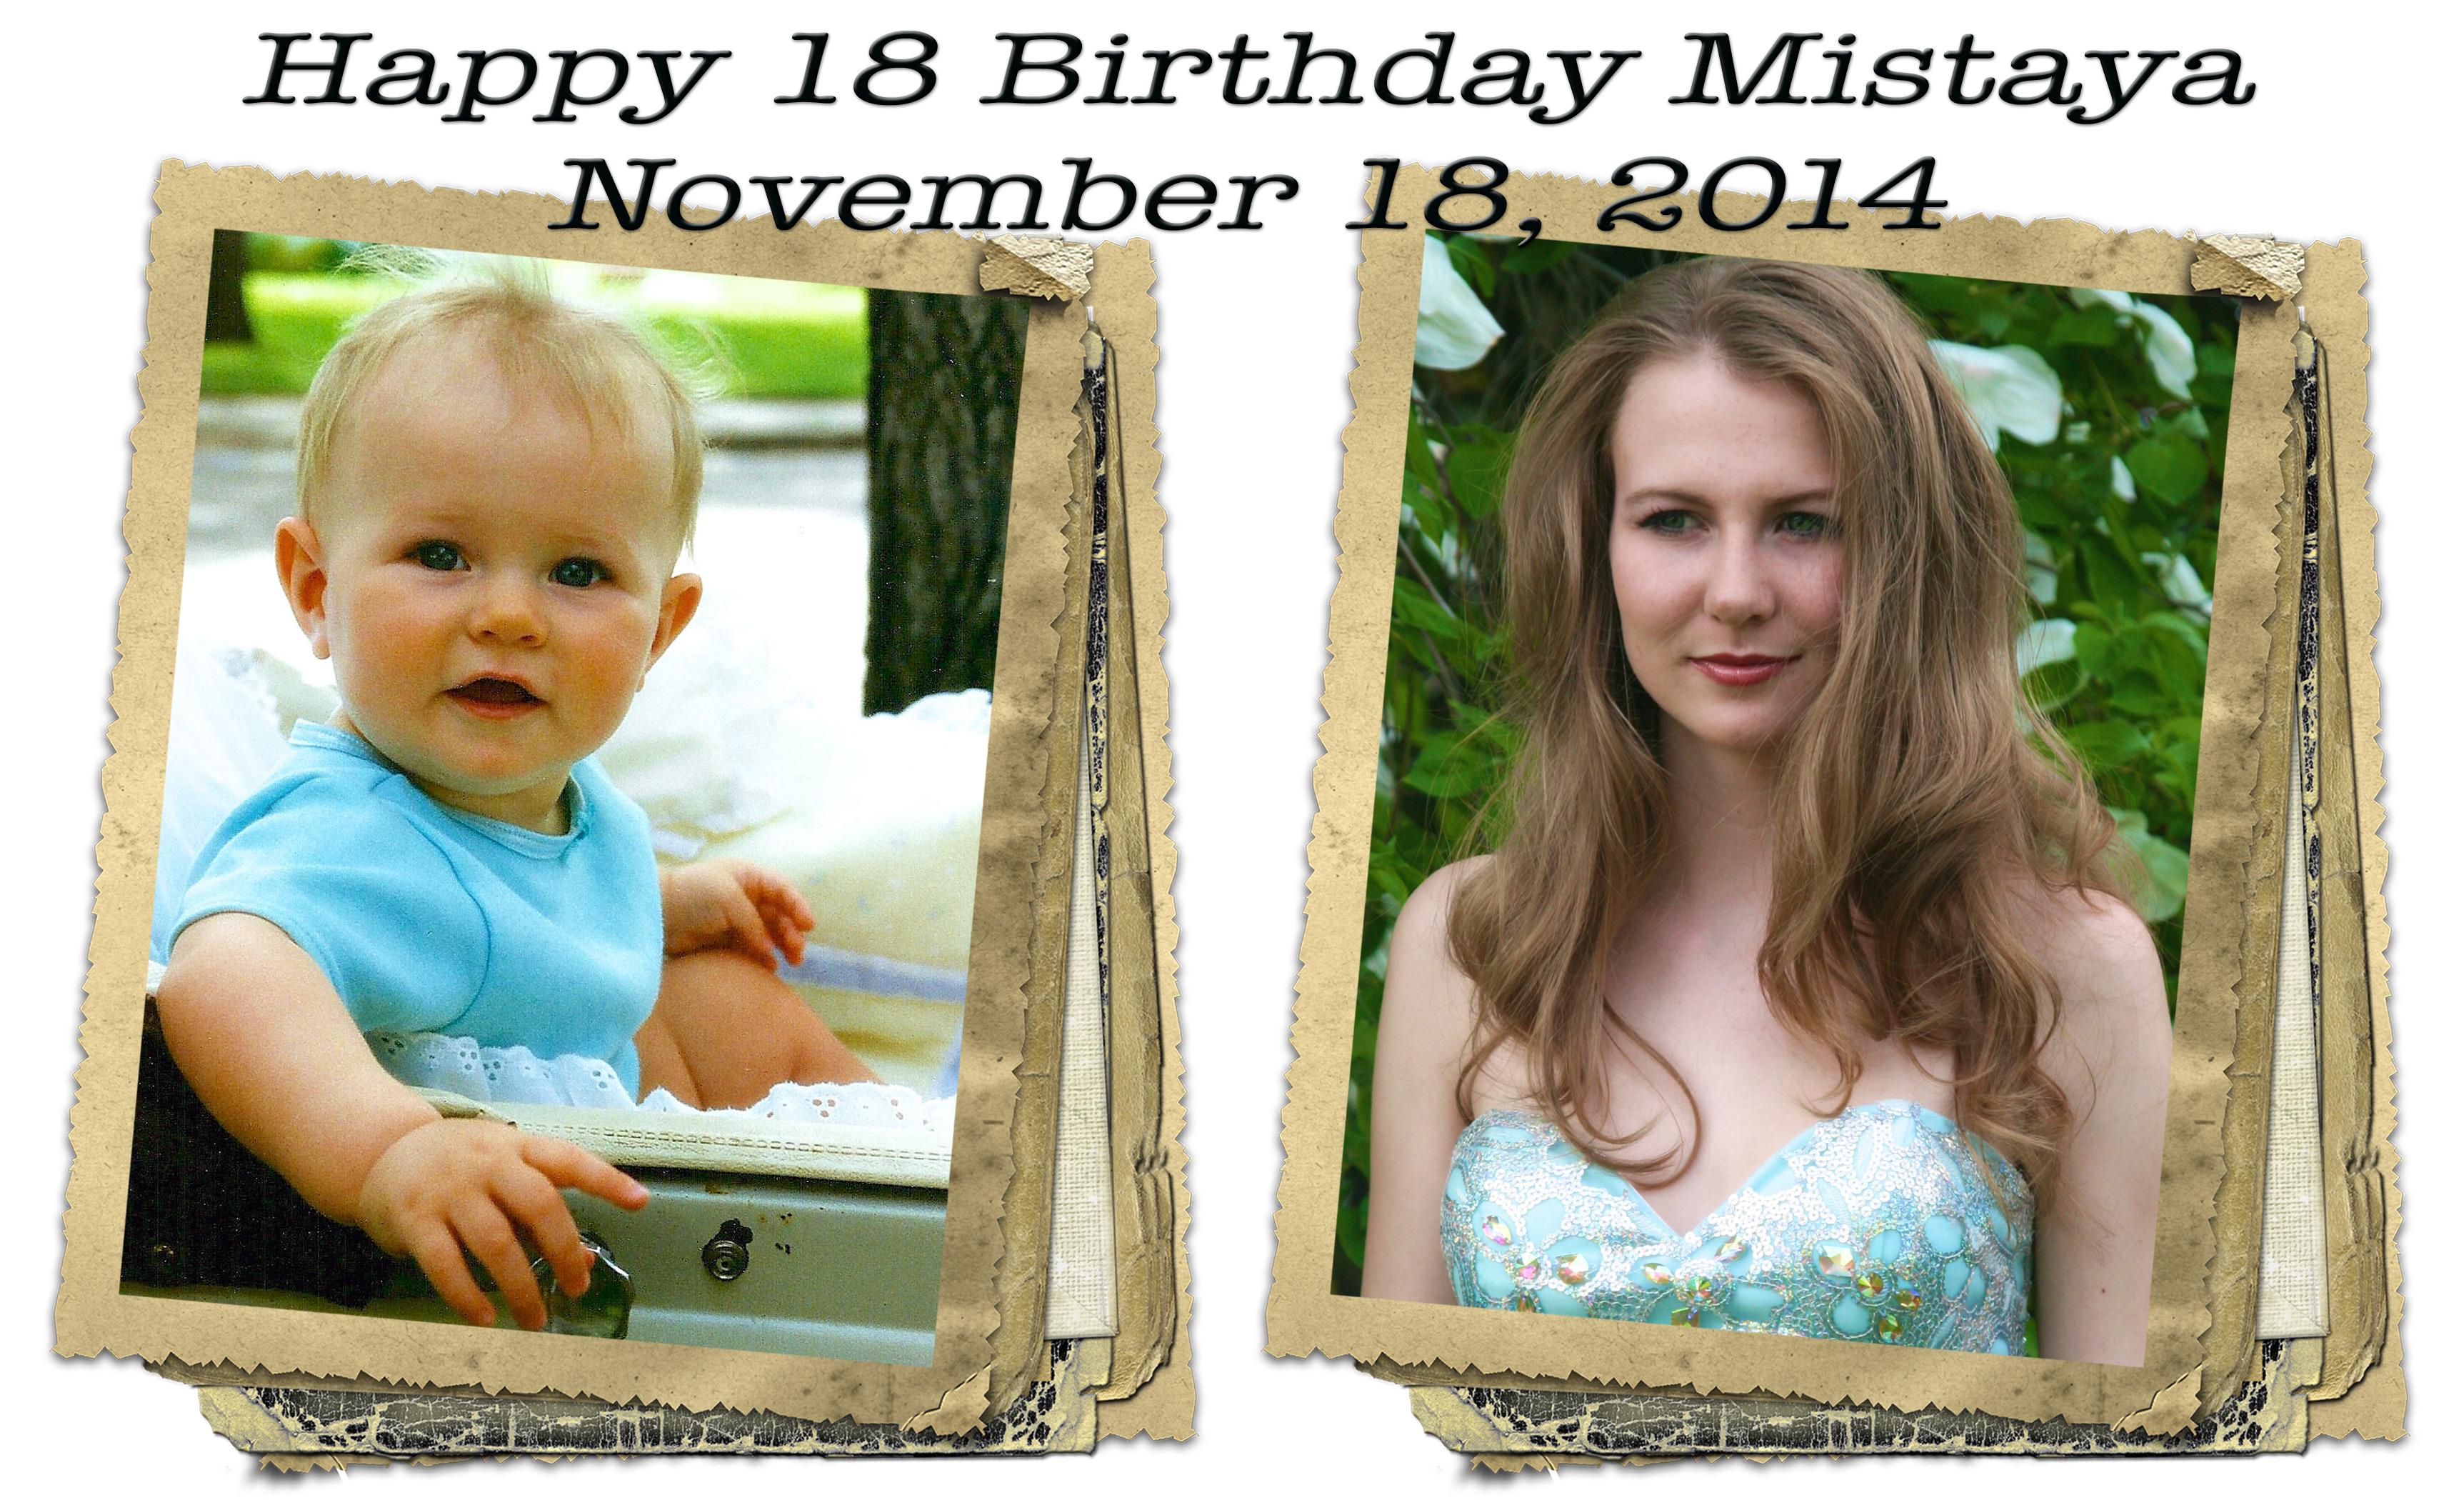 Happy 18 Birthday Mistaya!